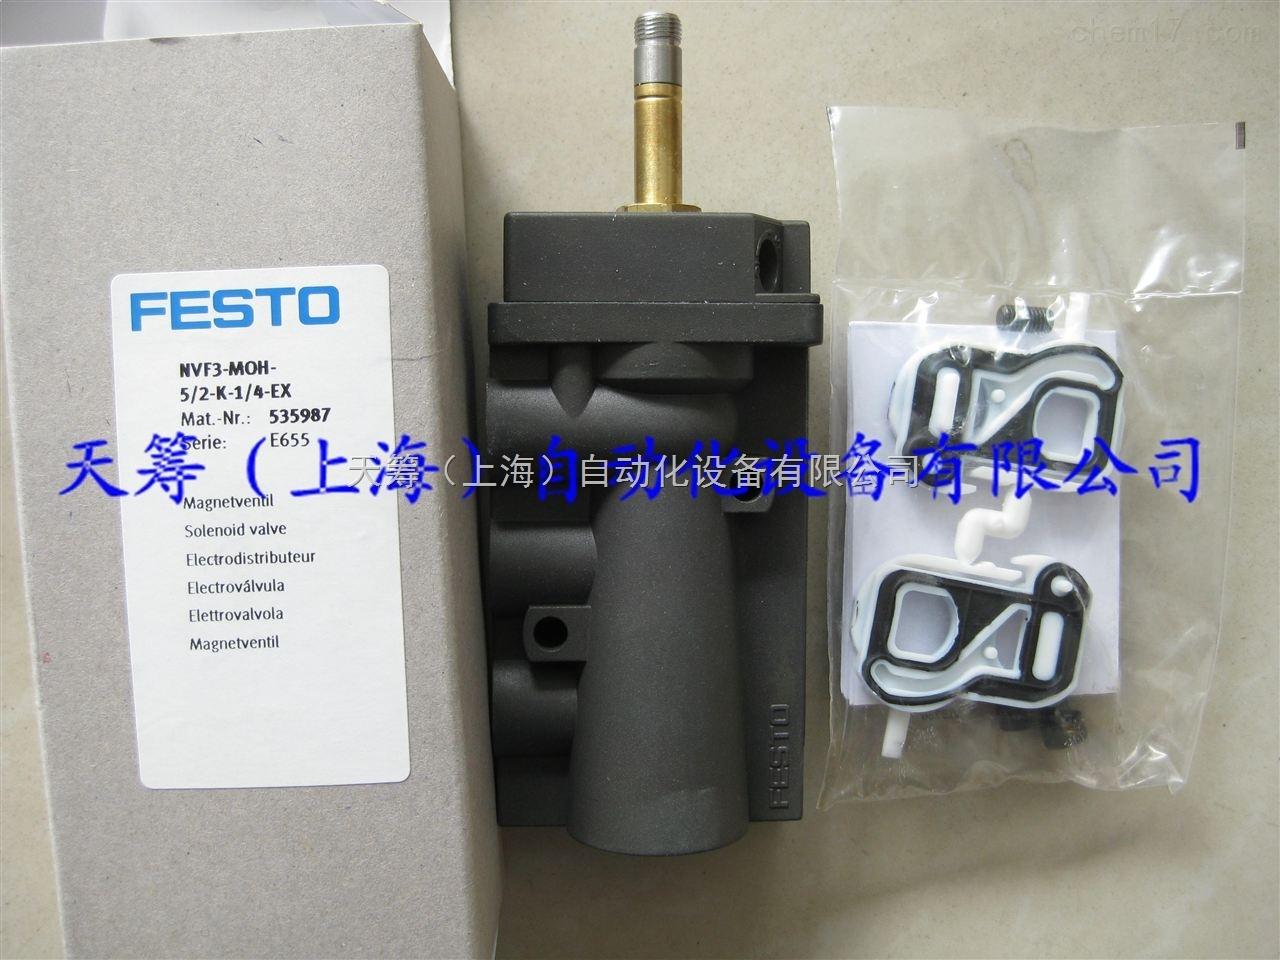 FESTO电磁阀NVF3-MOH-5/2-K-1/4-EX